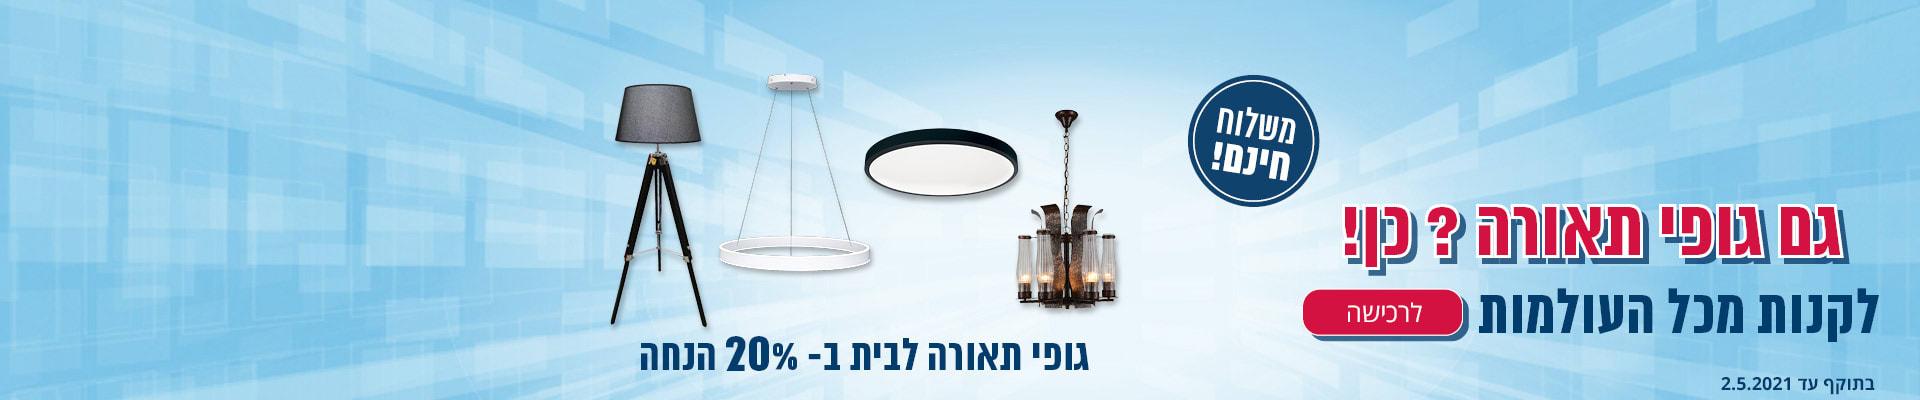 גם גופי תאורה? כן! לקנות מכל העולמות גופי תאורה לבית ב- 20% הנחה משולח חינם לרכישה בתוקף עד 2.5.2021